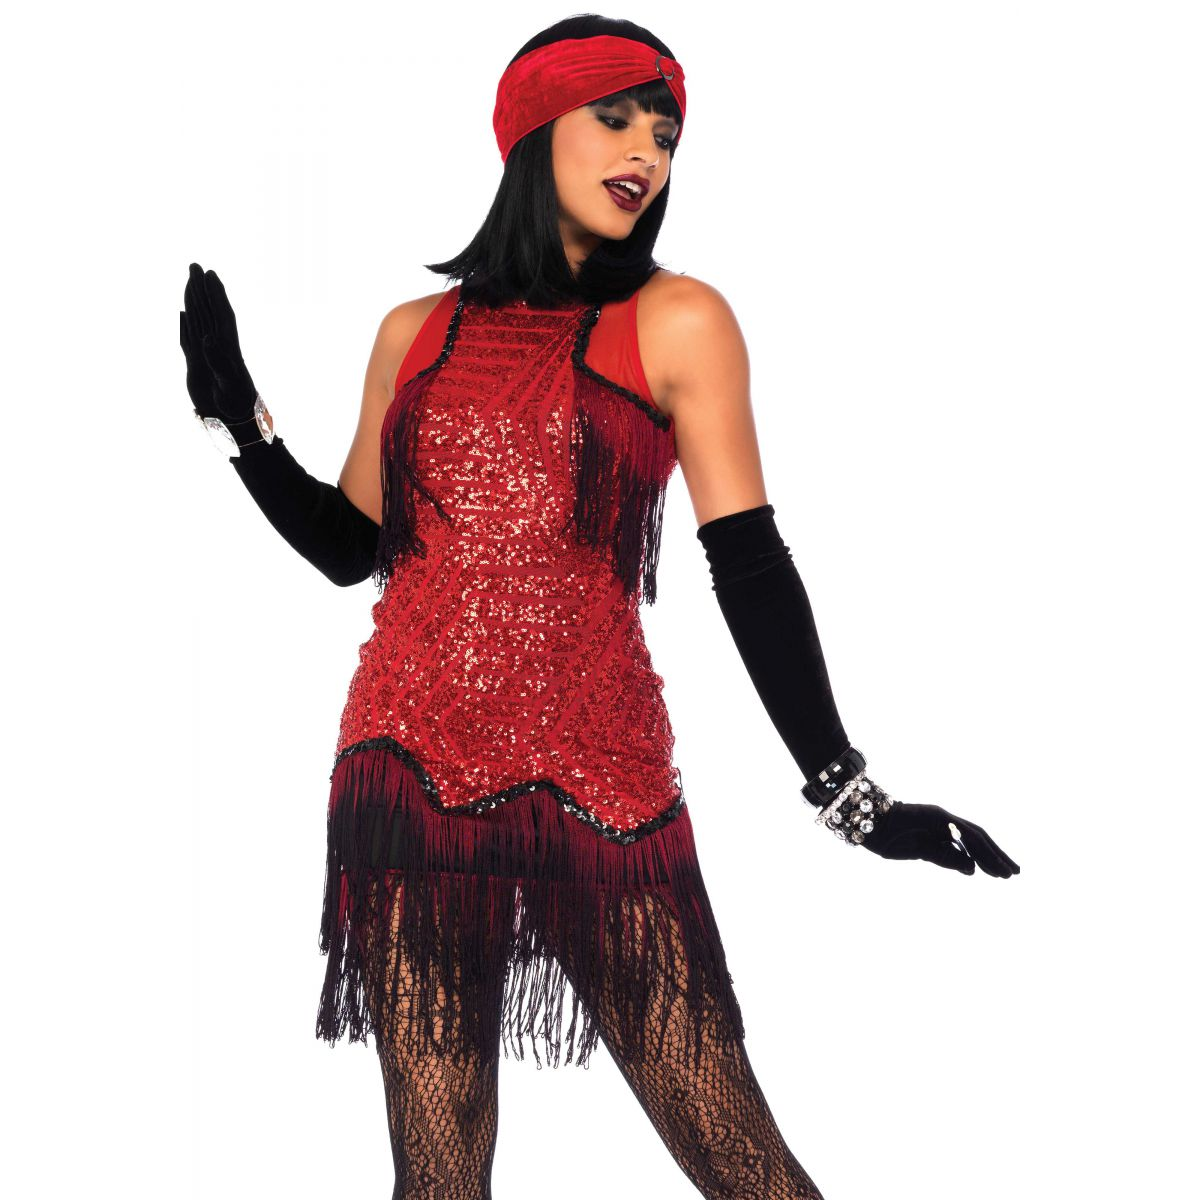 Leg Avenue disfraz de época chica Gatsby de los años 20 con lentejuelas